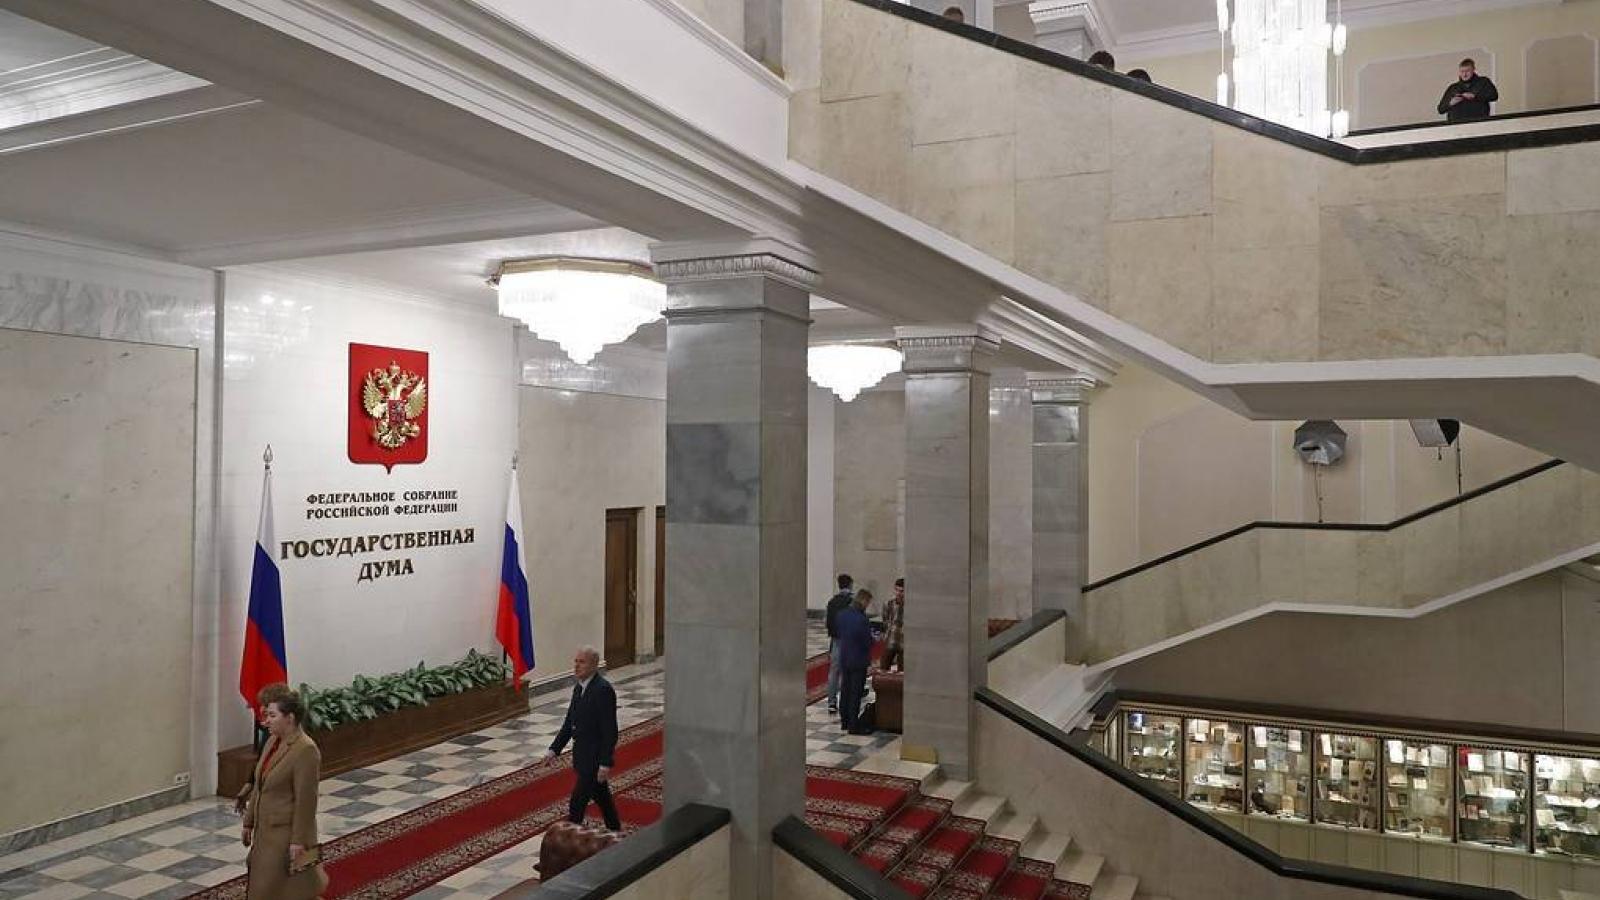 Duma quốc gia Ngaphê chuẩn thỏa thuậngia hạn Hiệp ước START-3